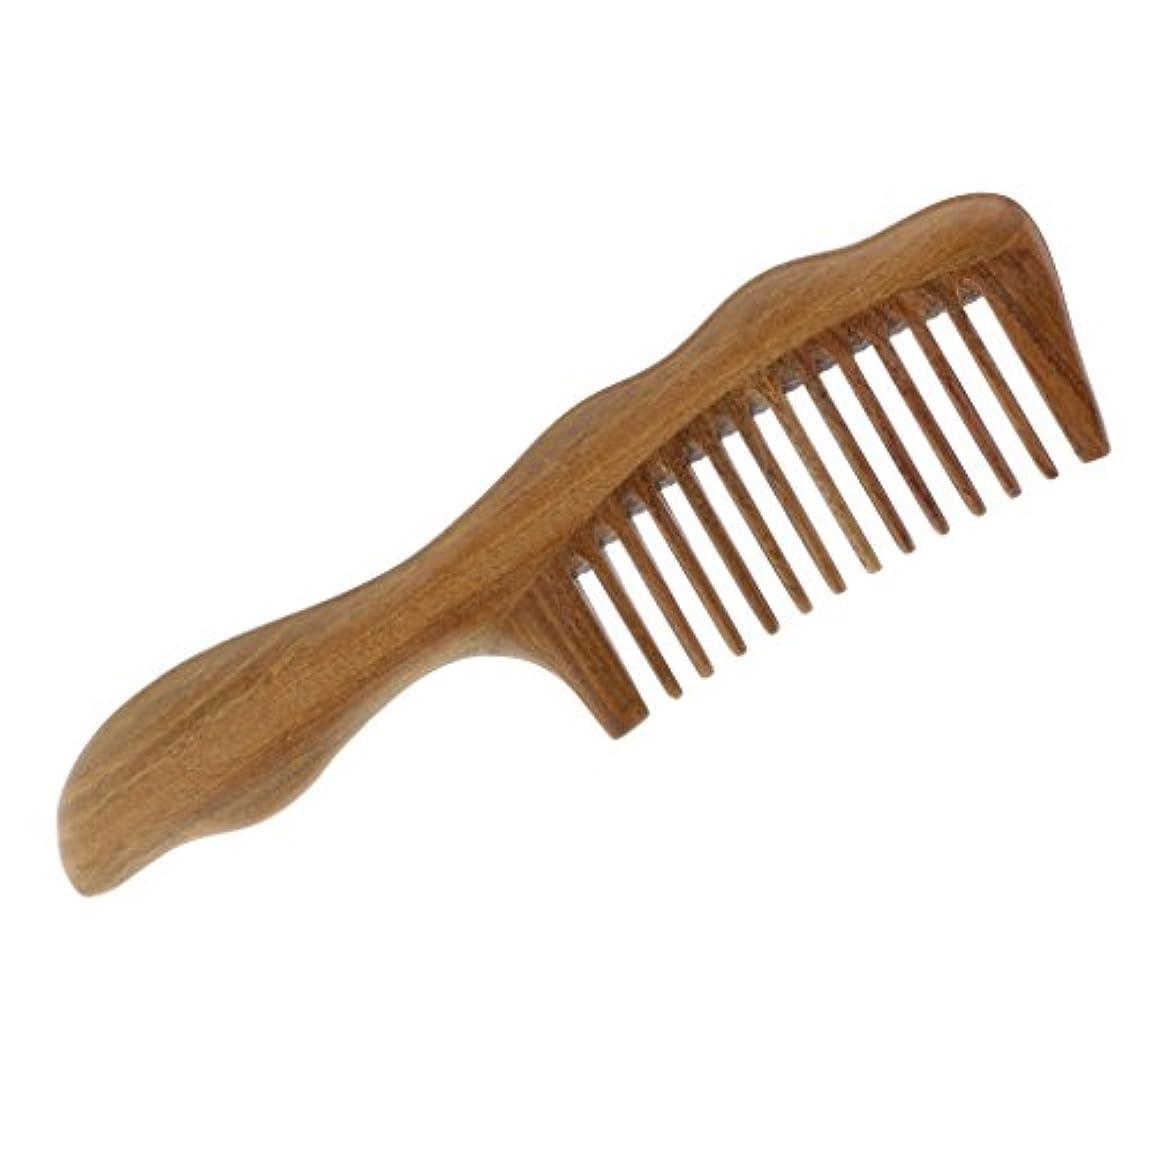 で柔らかい逸話Toygogo 広い歯の櫛の木製のもつれの櫛、木製の毛のブラシ/Sandalwoodの非静的な木の櫛